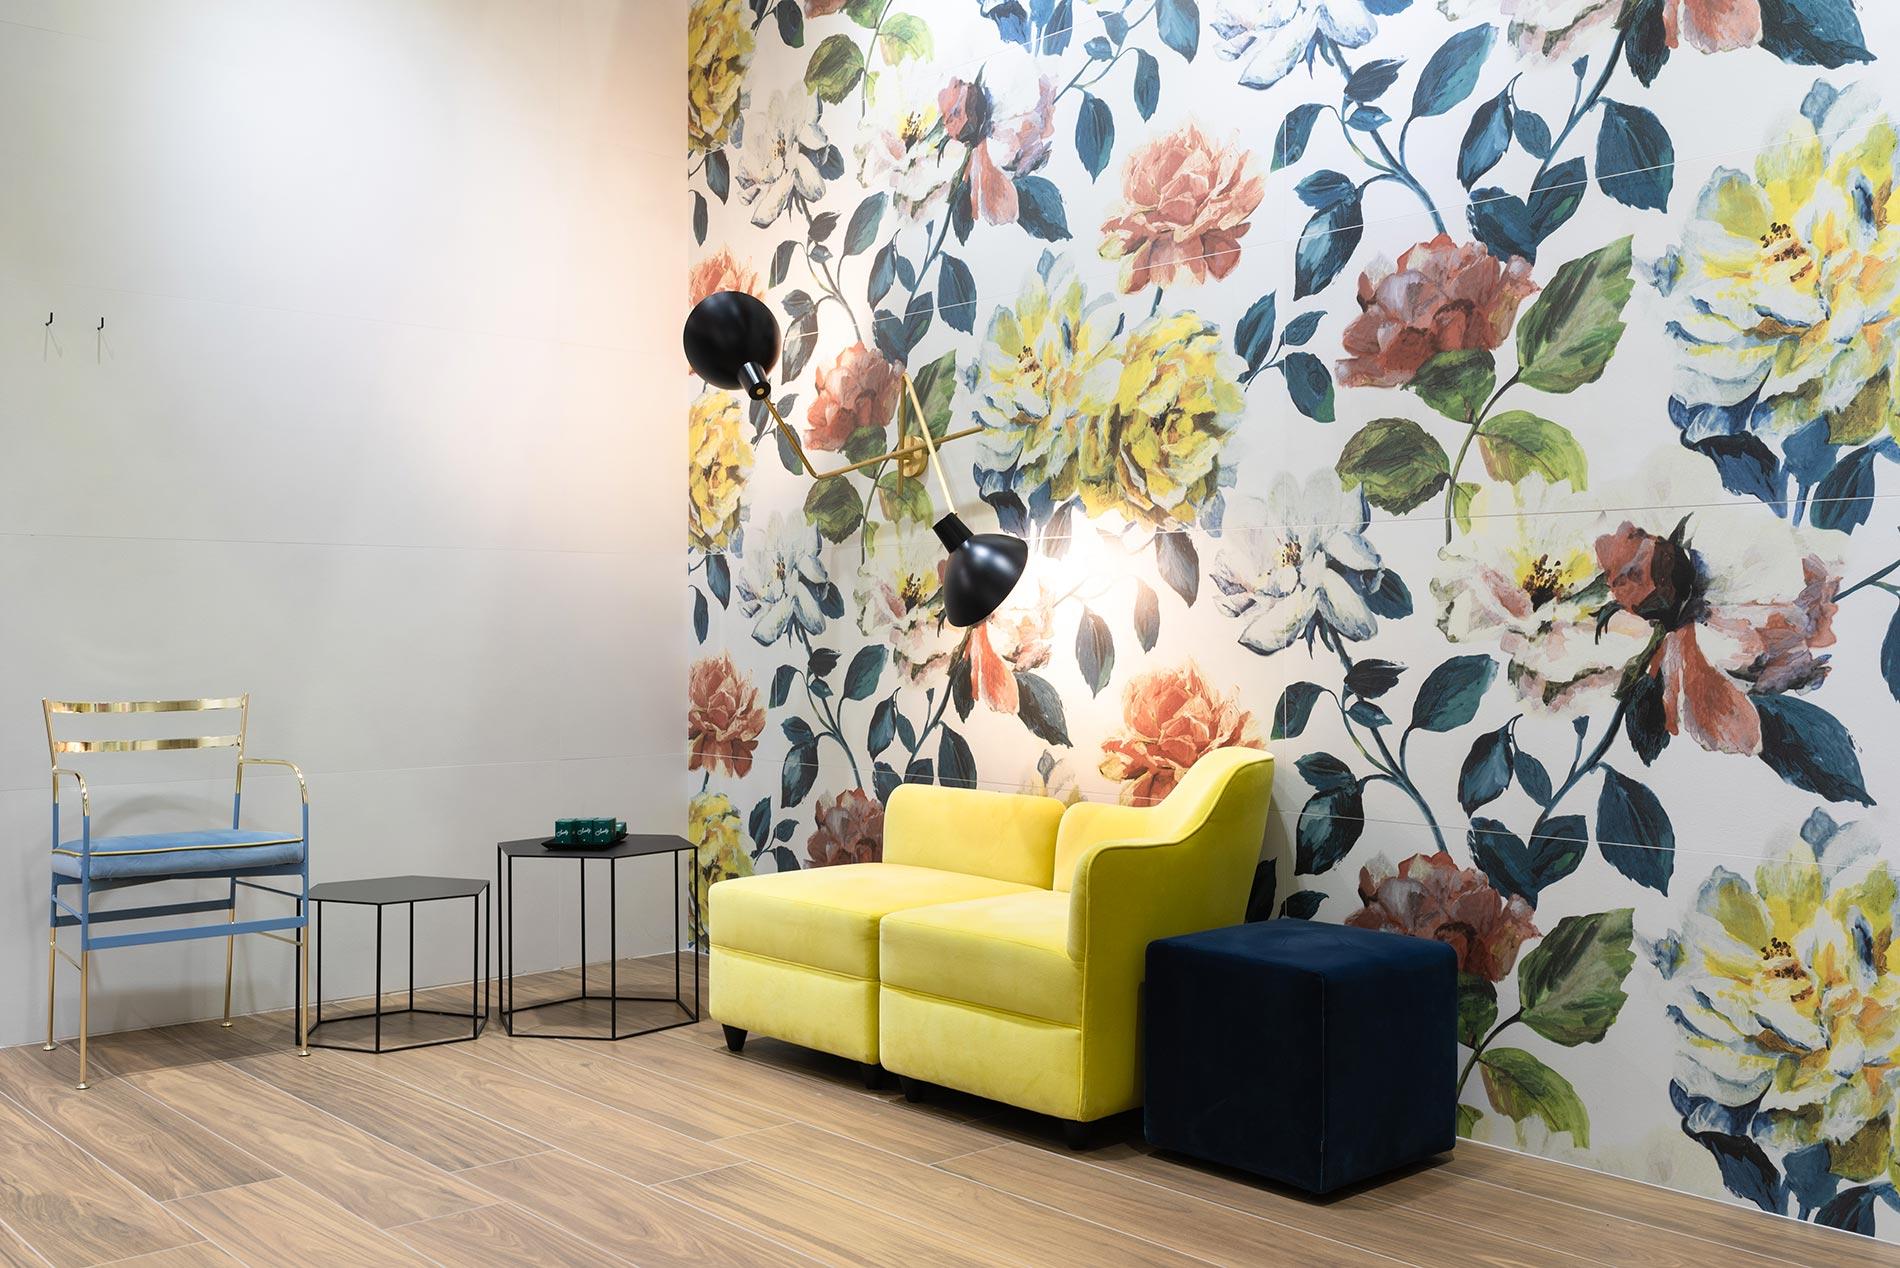 decoro trend ceramics 2019